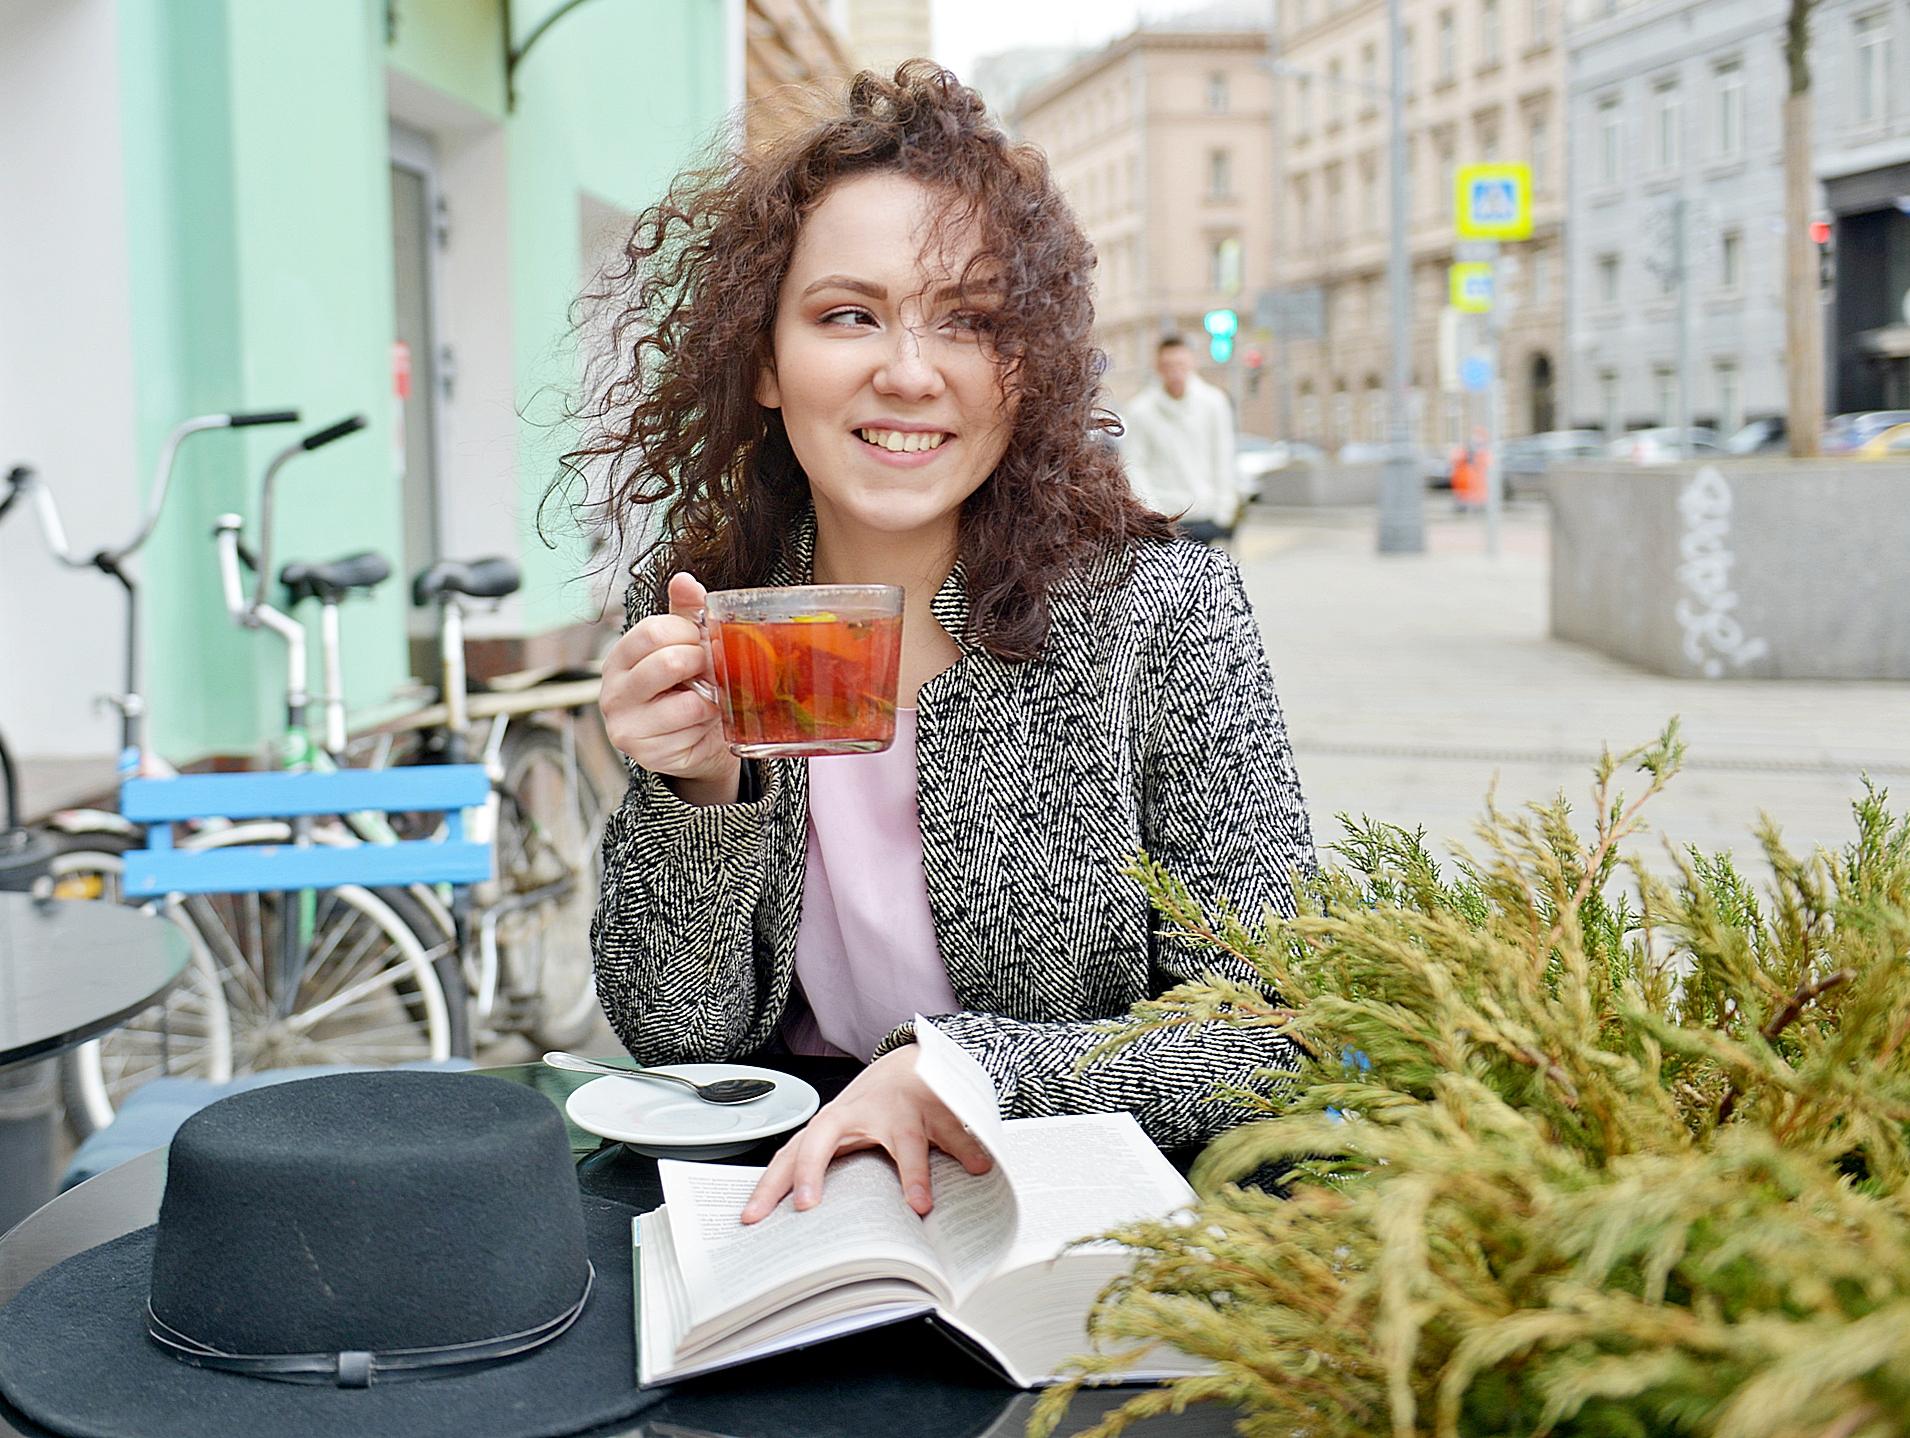 Зарядка и чай: актеры проведут мероприятия в соцсетях «Братеева»